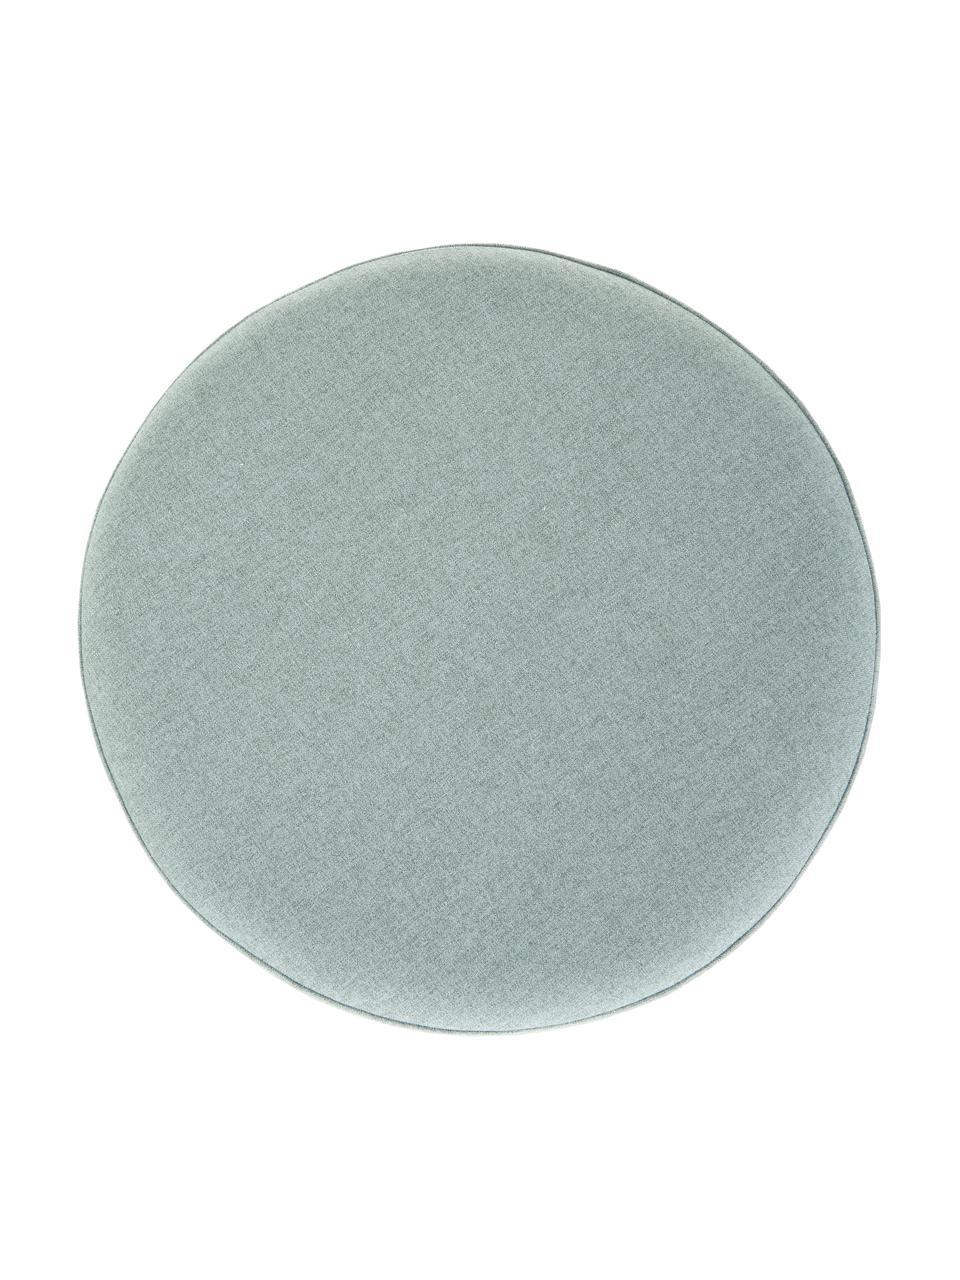 Hocker Daisy in Blaugrün, Bezug: 100% Polyester Der hochwe, Rahmen: Sperrholz, Webstoff Blau, Ø 38 x H 45 cm